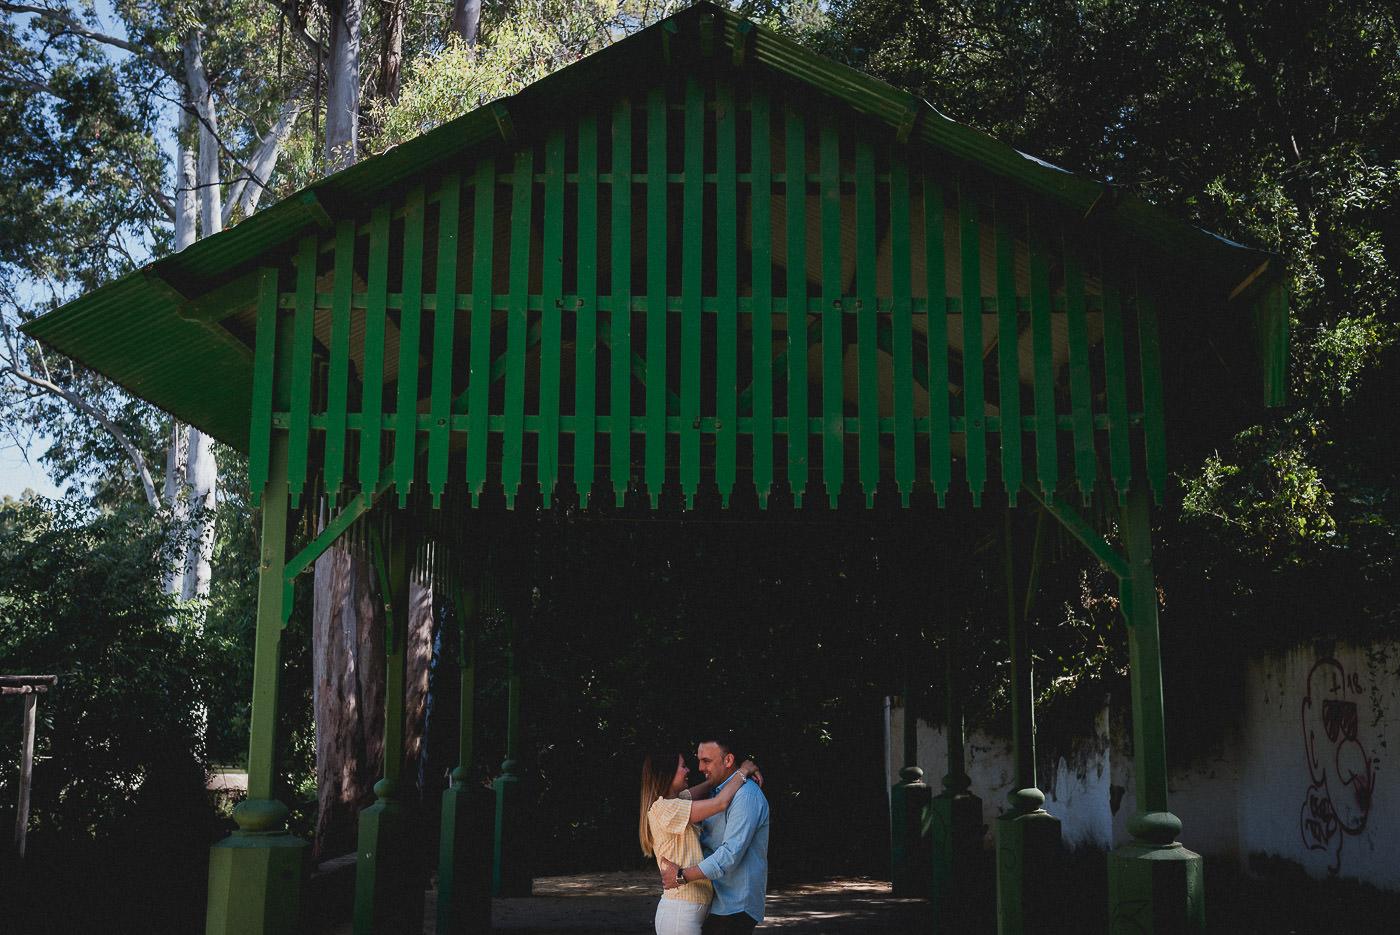 fotografo-bodas-alcala-guadaira-parque-oromana-preboda-manuel-fijo